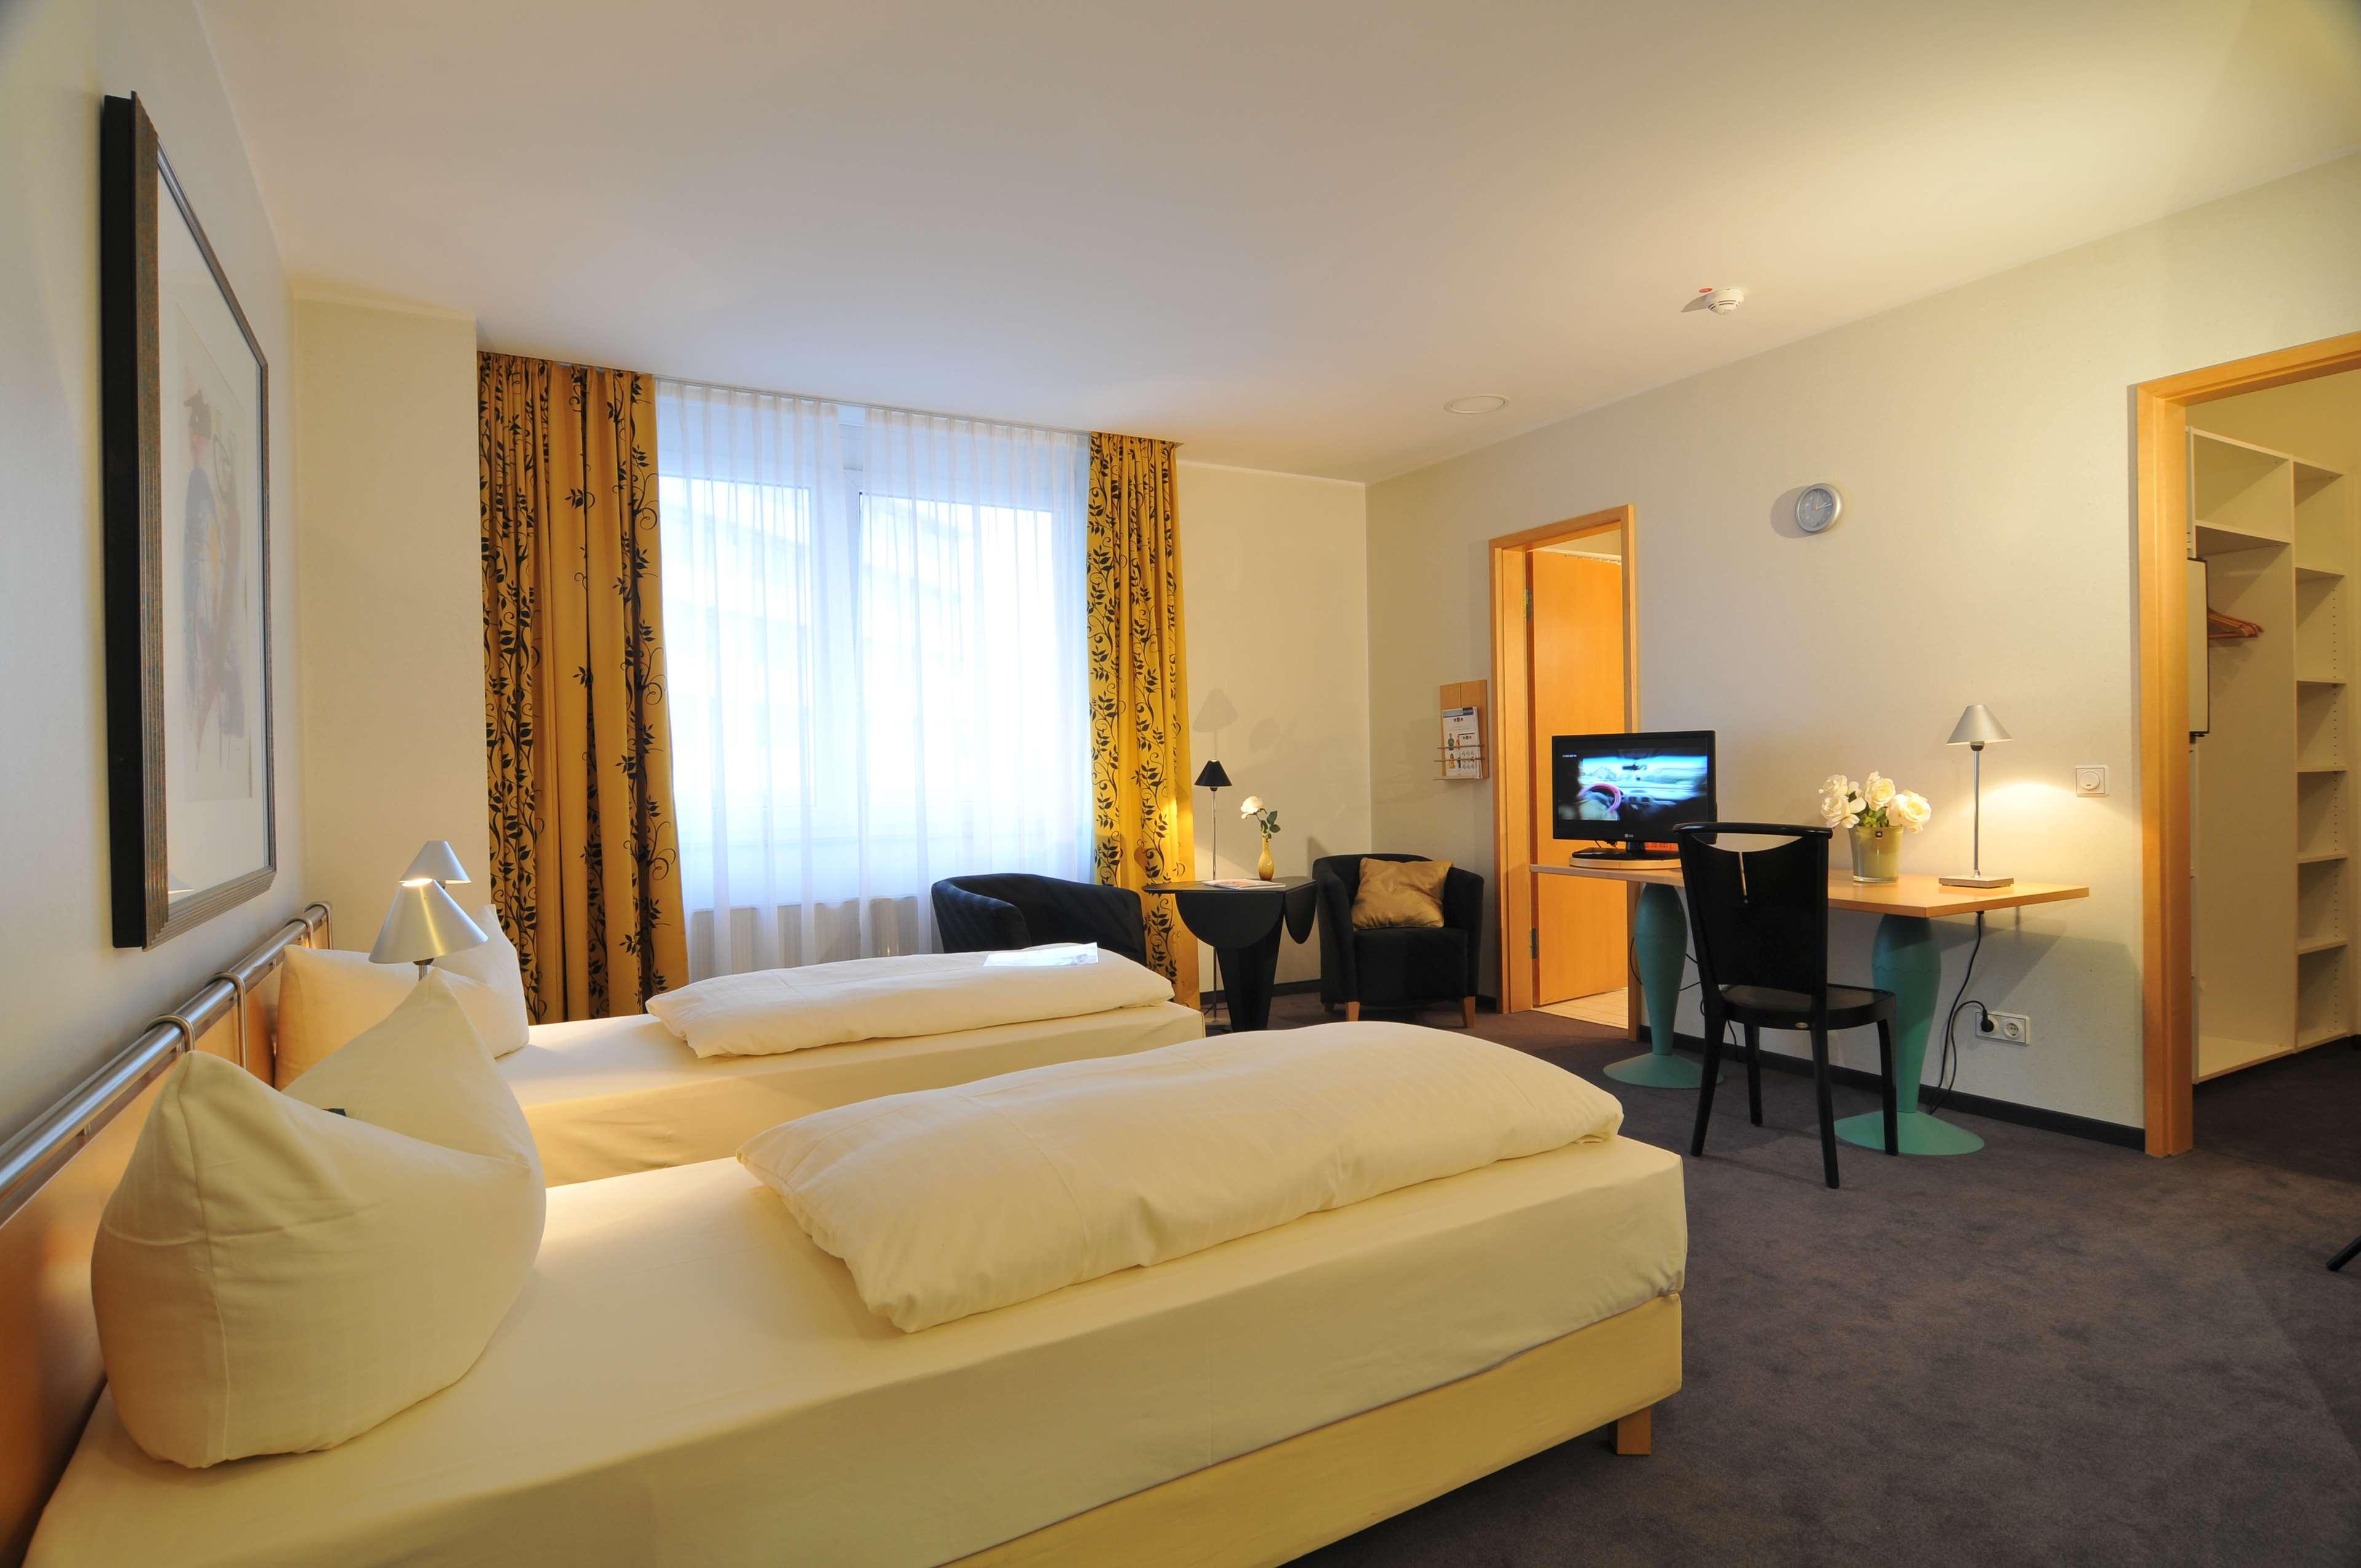 Best Western Hotel Mettmann